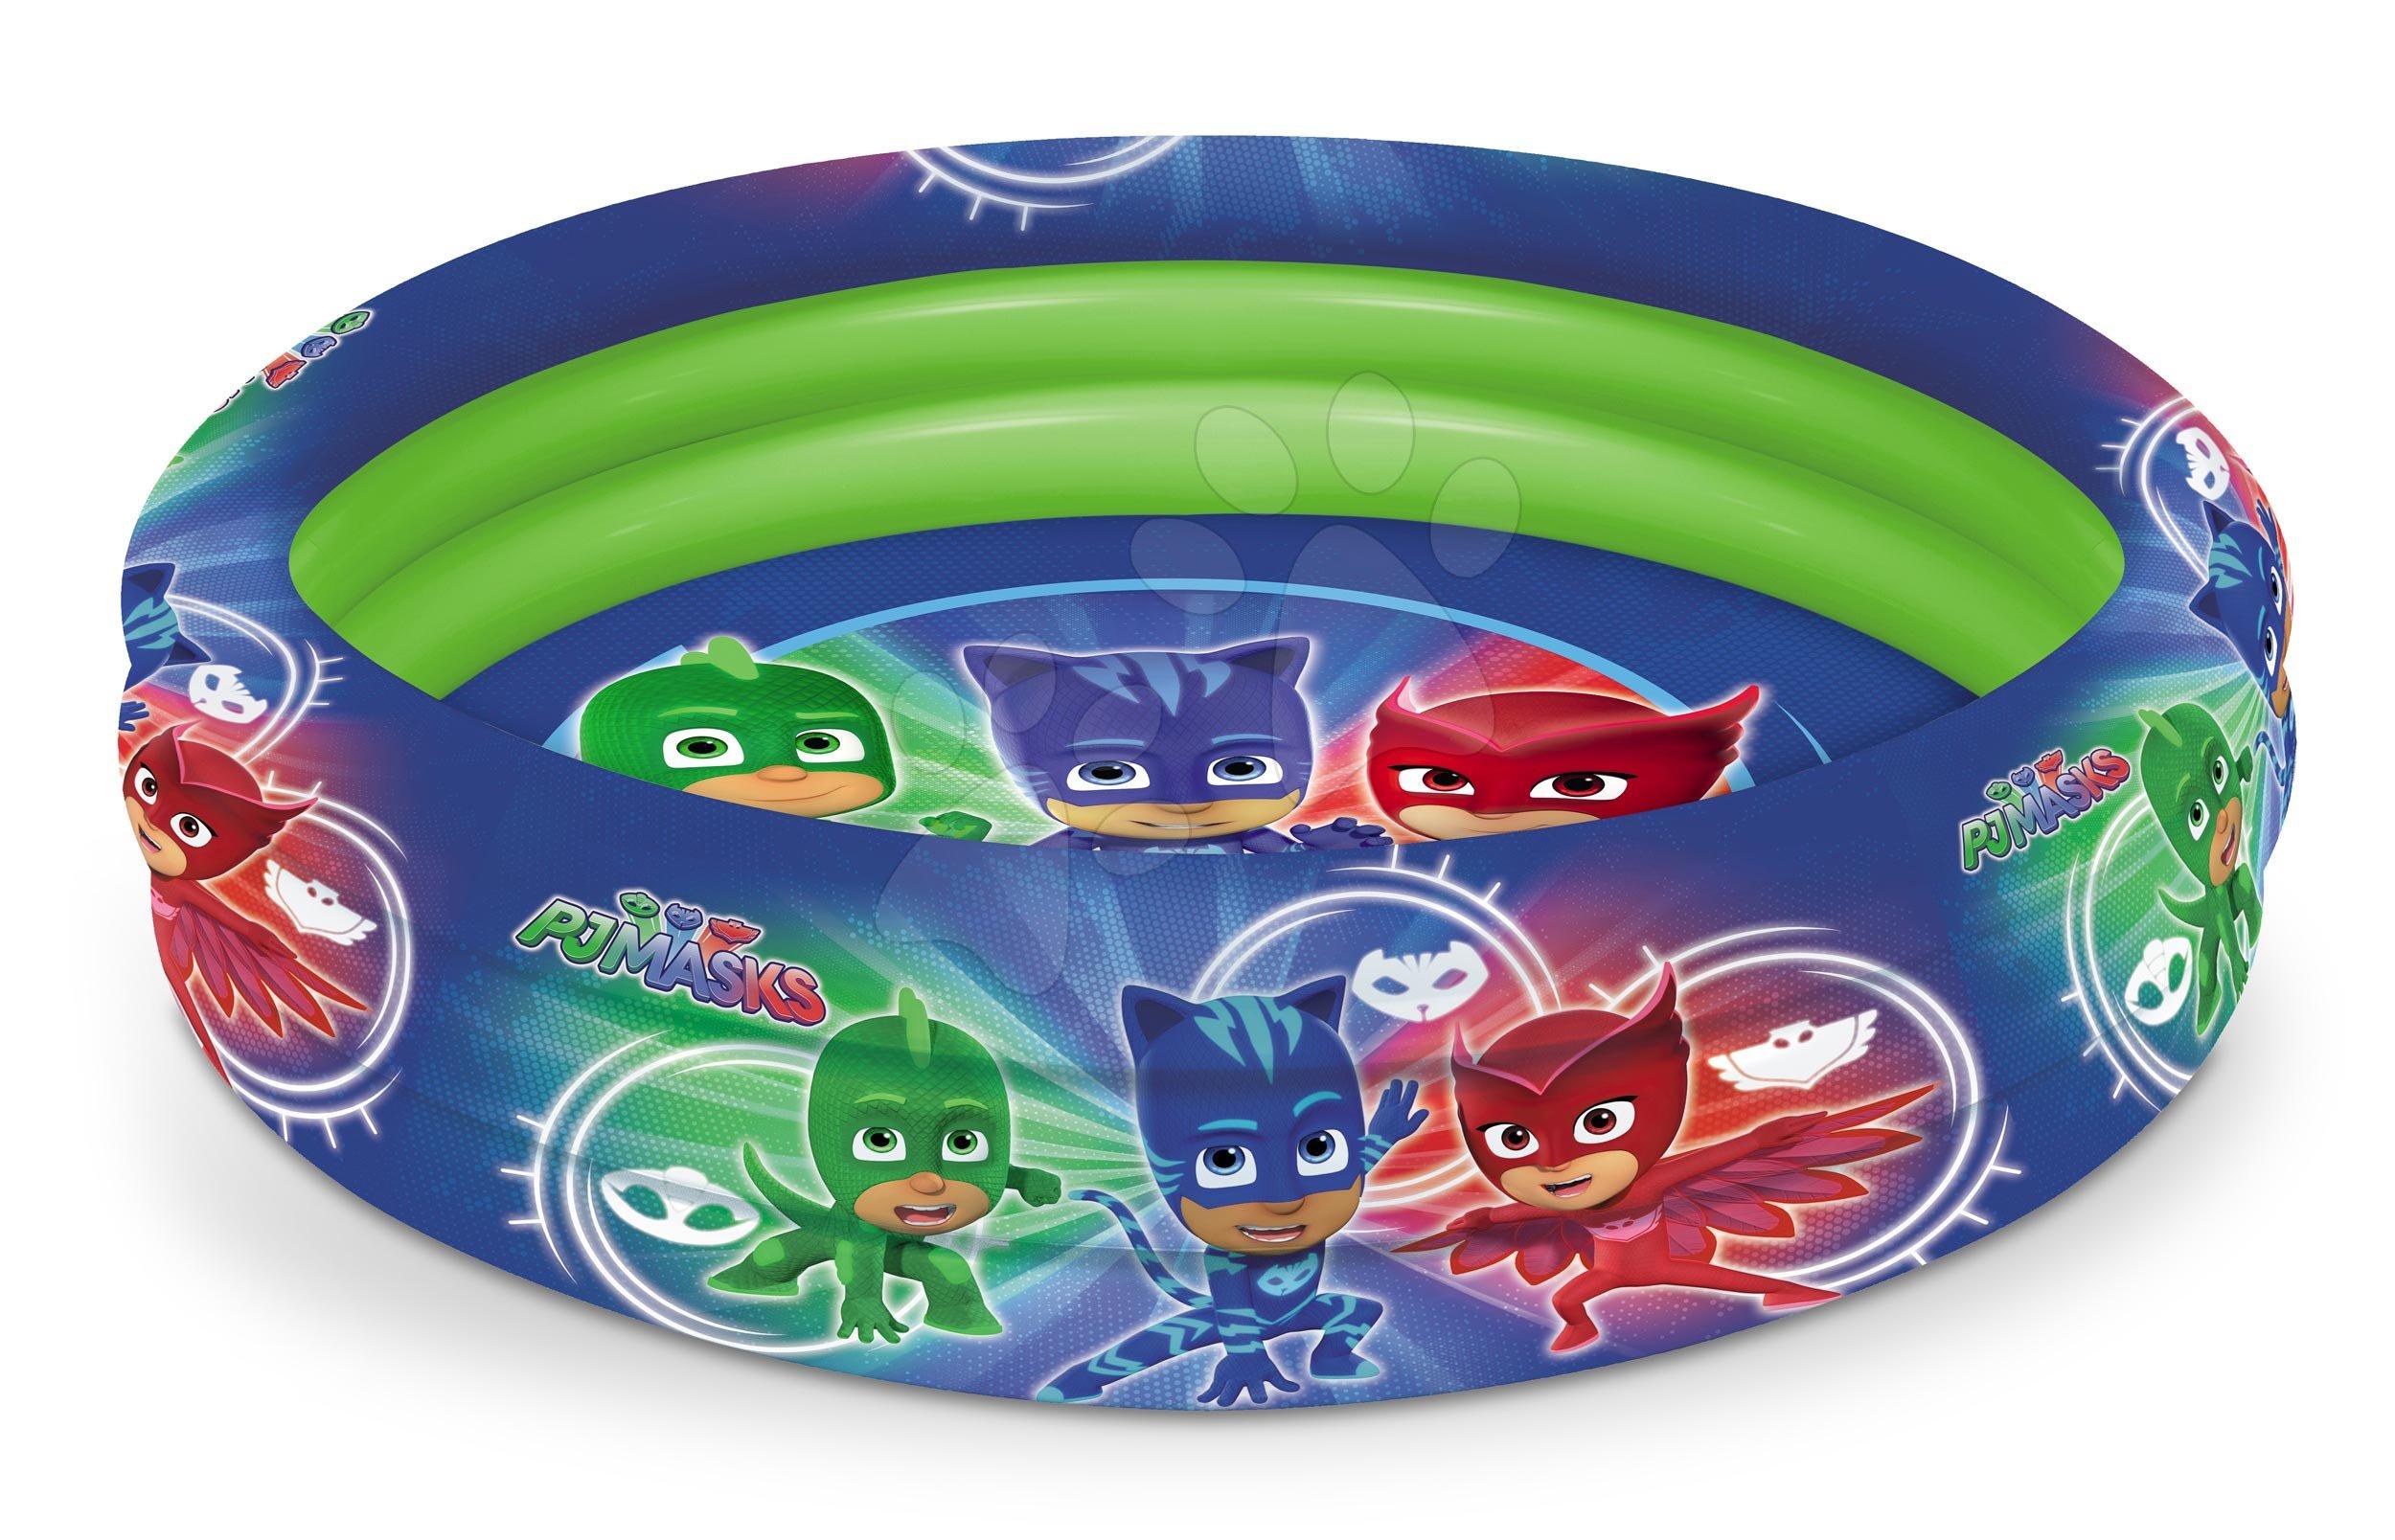 Detský nafukovací bazén PJ Masks Mondo 100 cm 16689